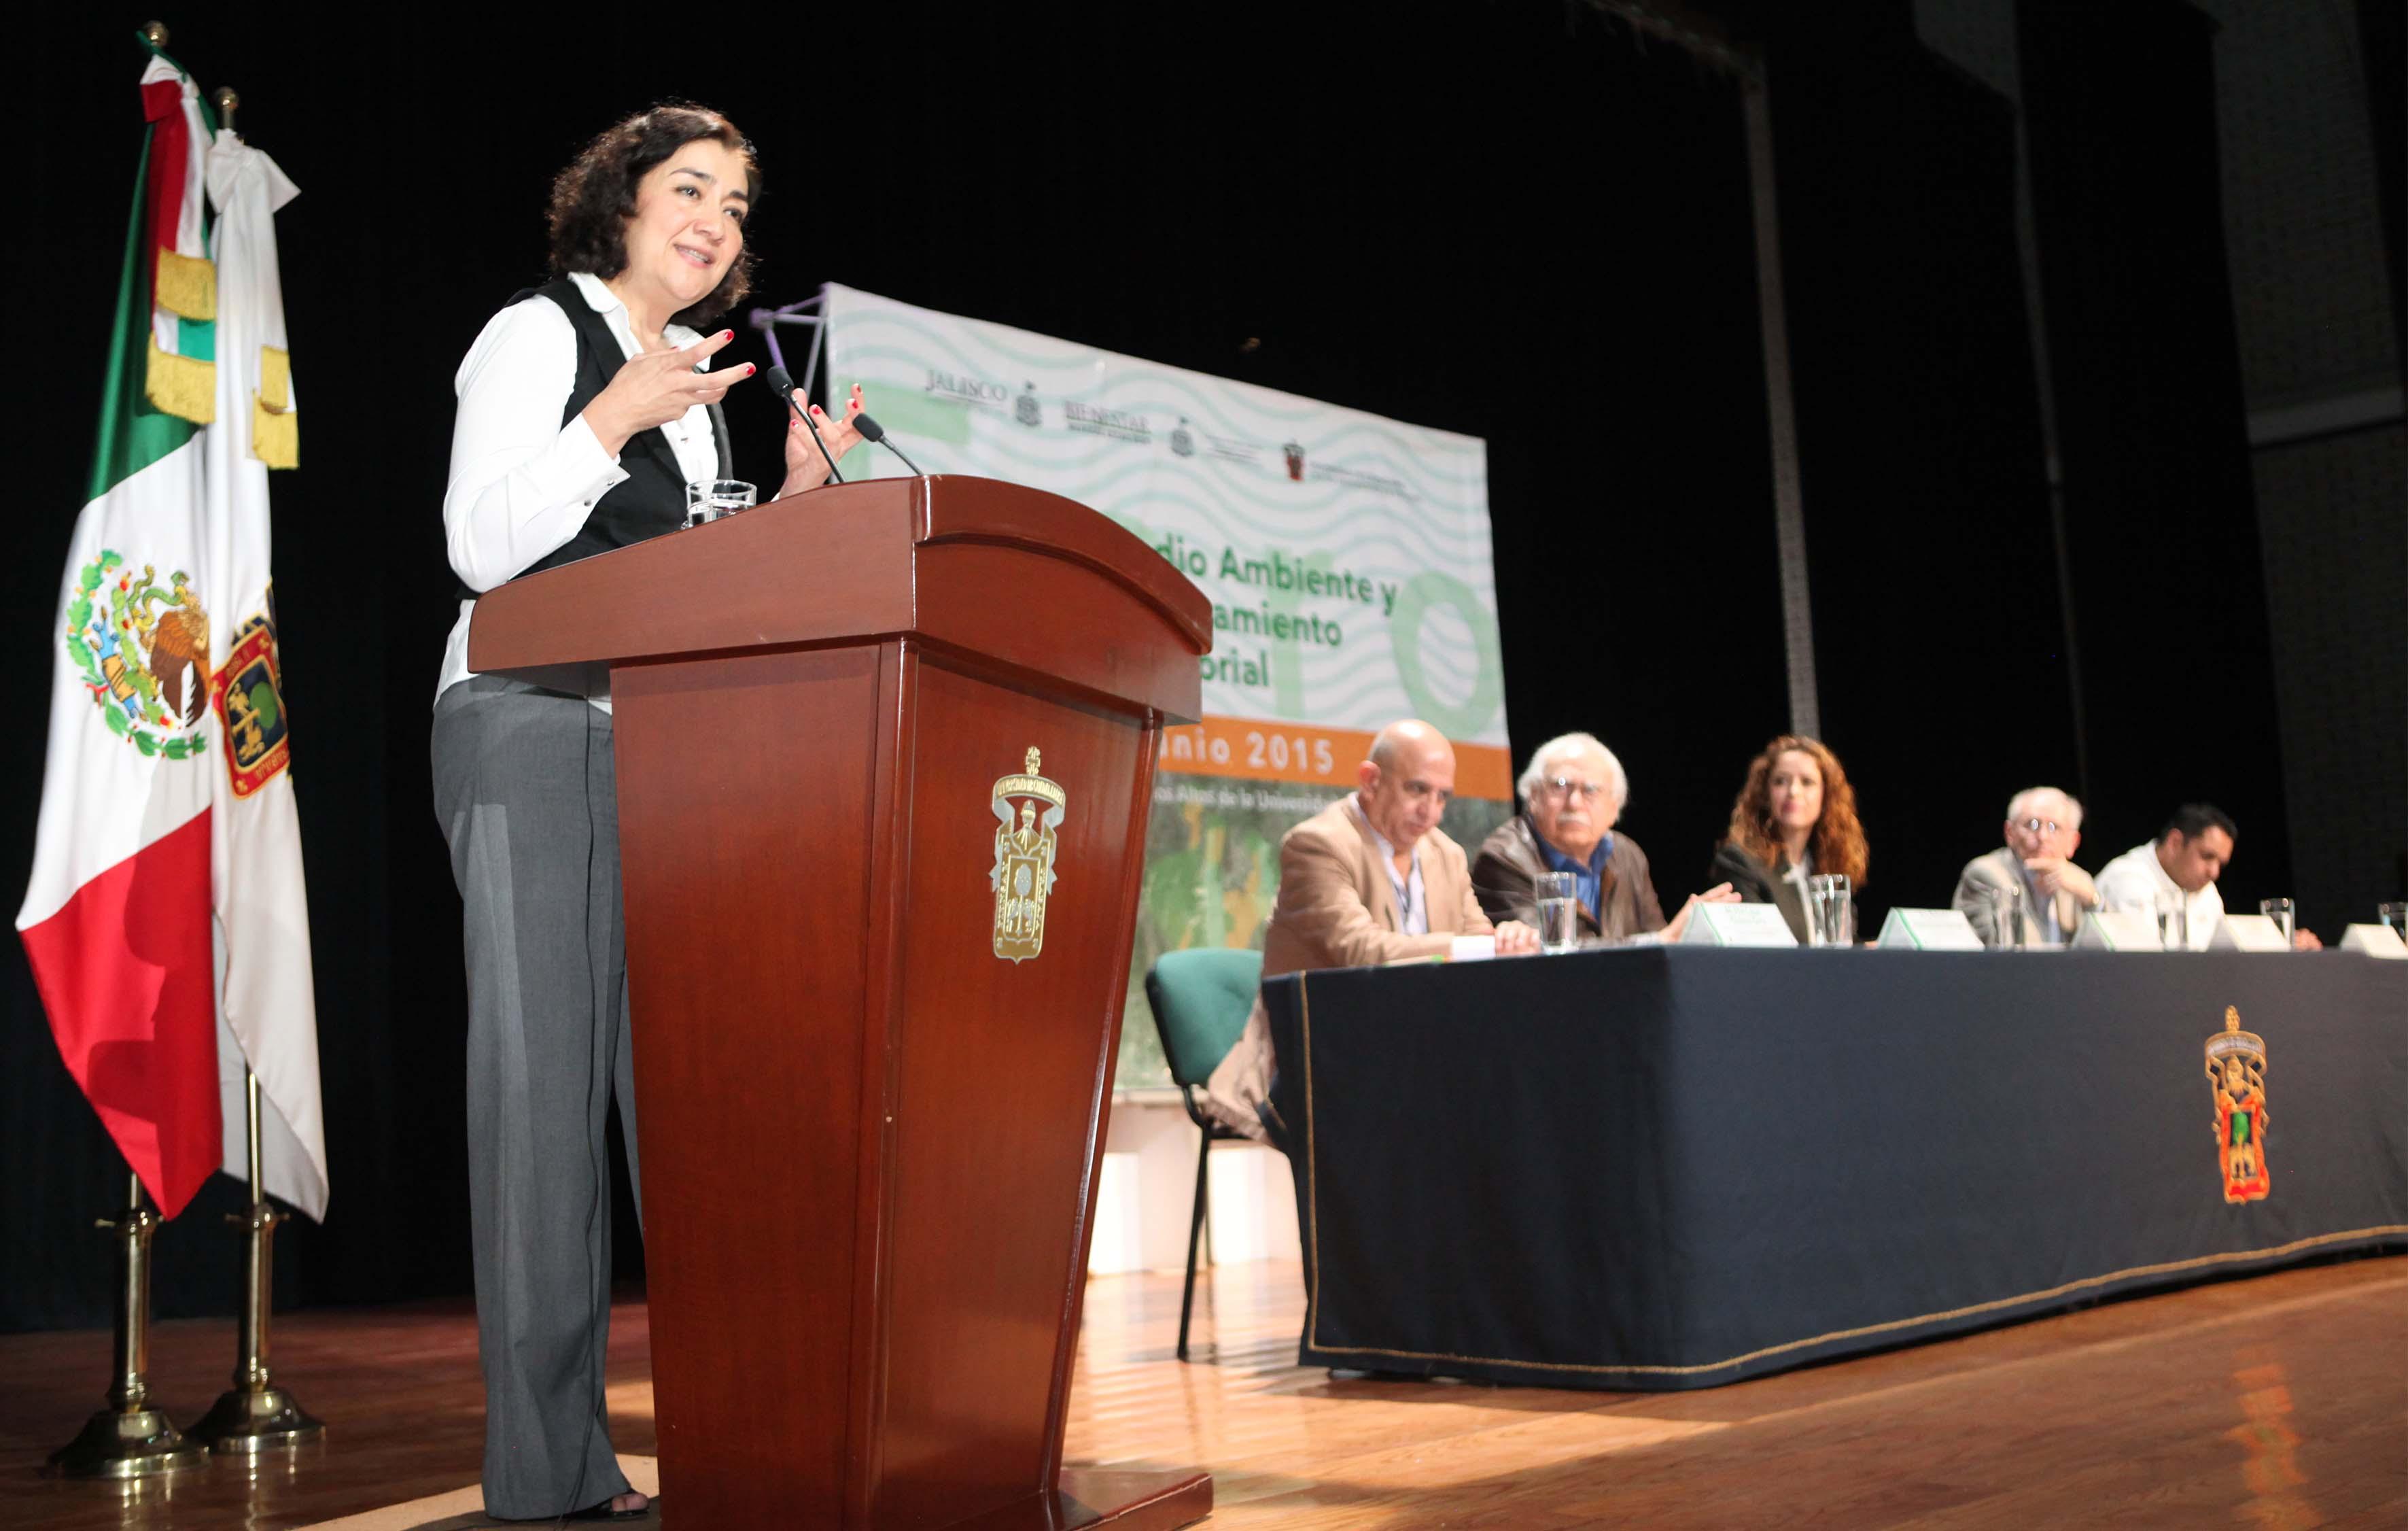 Participando en el evento la Rectora María Magdalena Ruiz Mejía